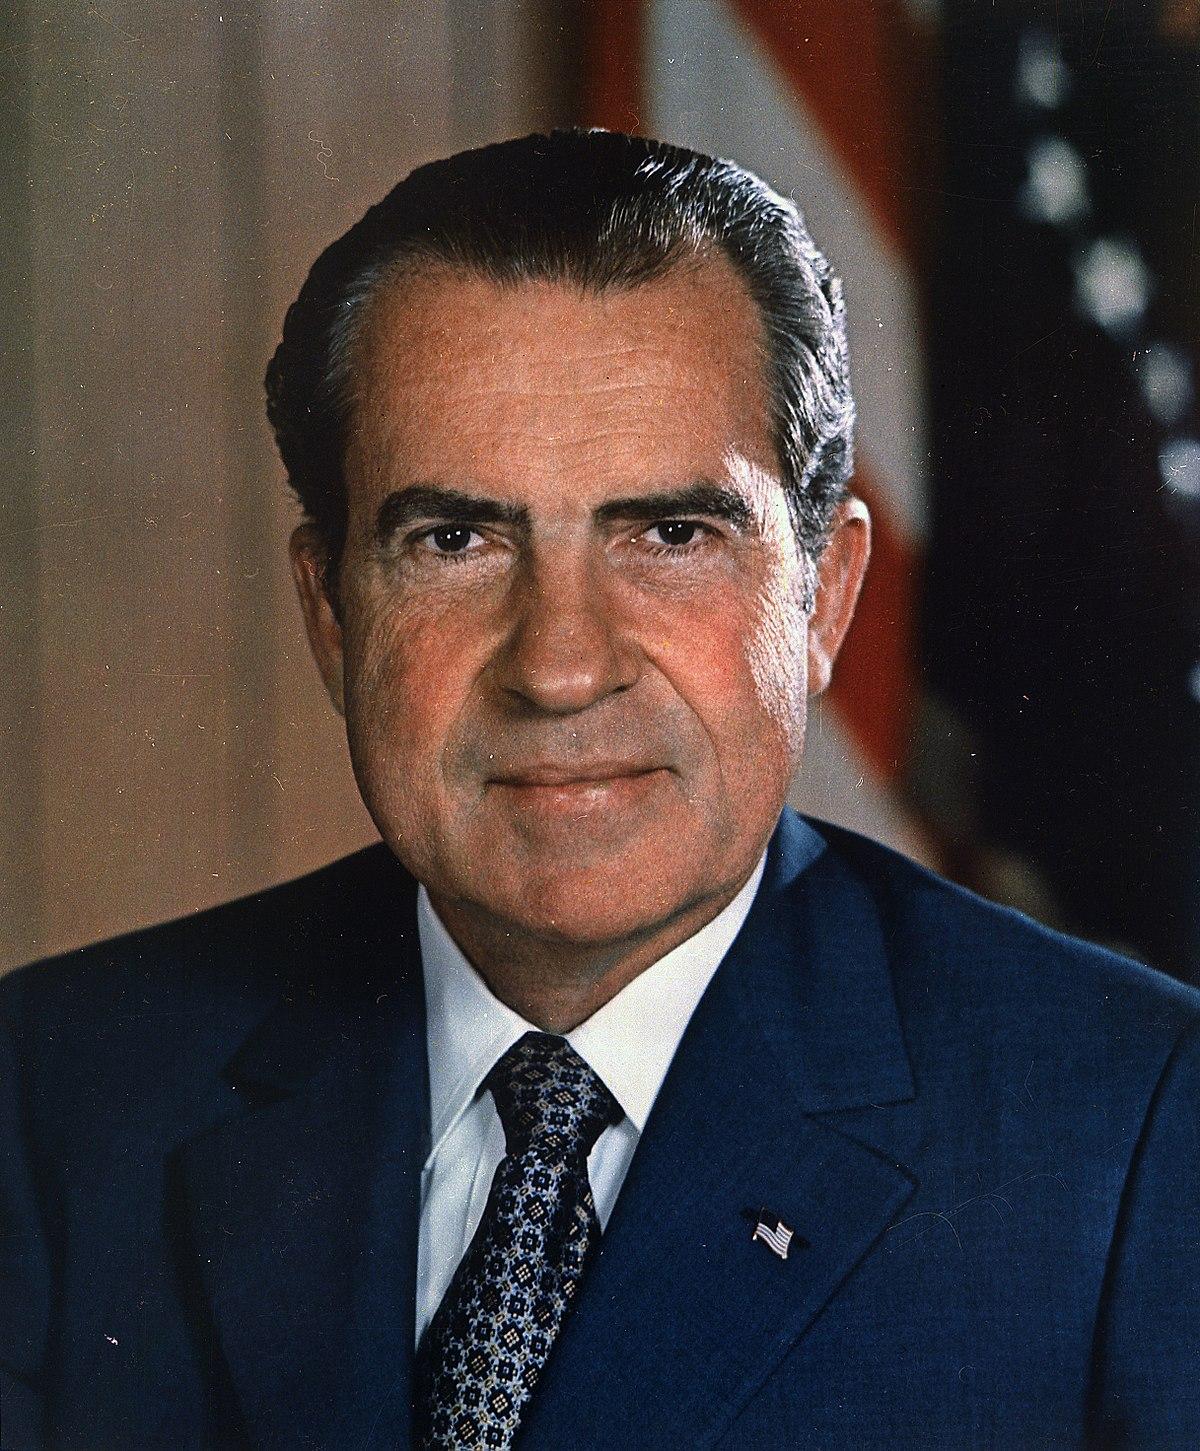 ریچارد نیکسون هستن